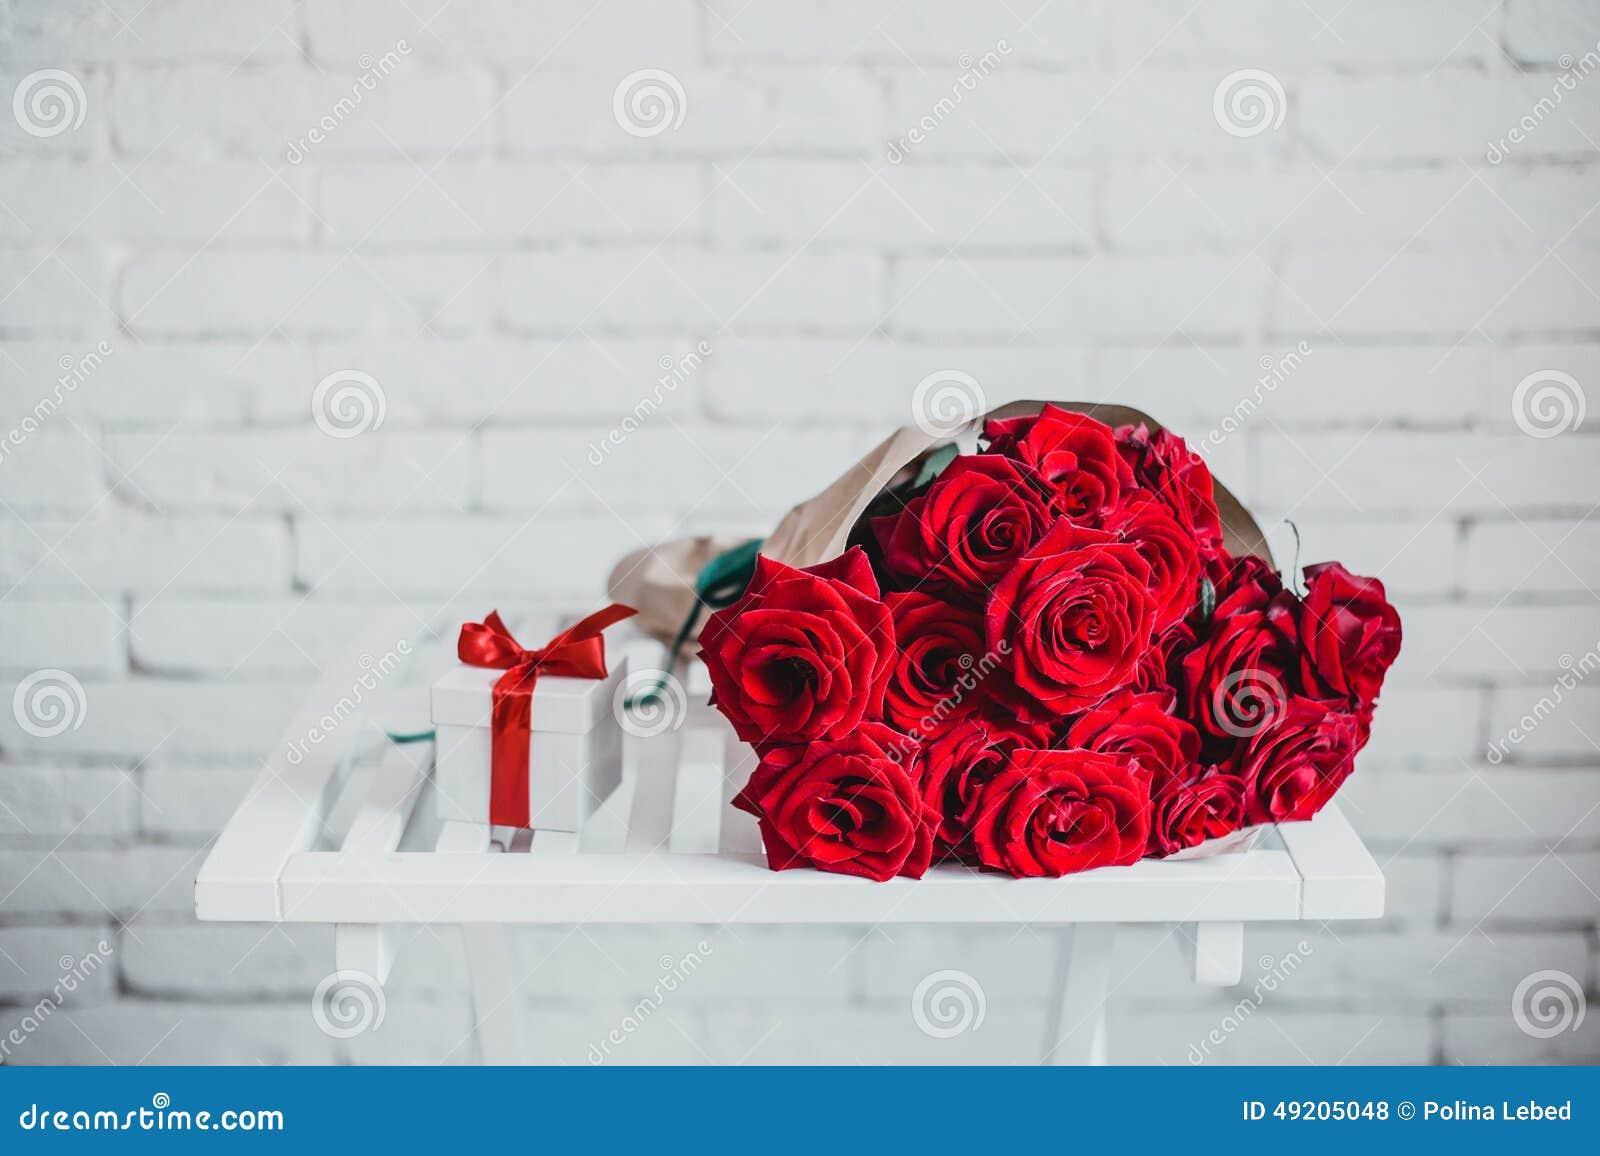 Geschenk valentinstag frau